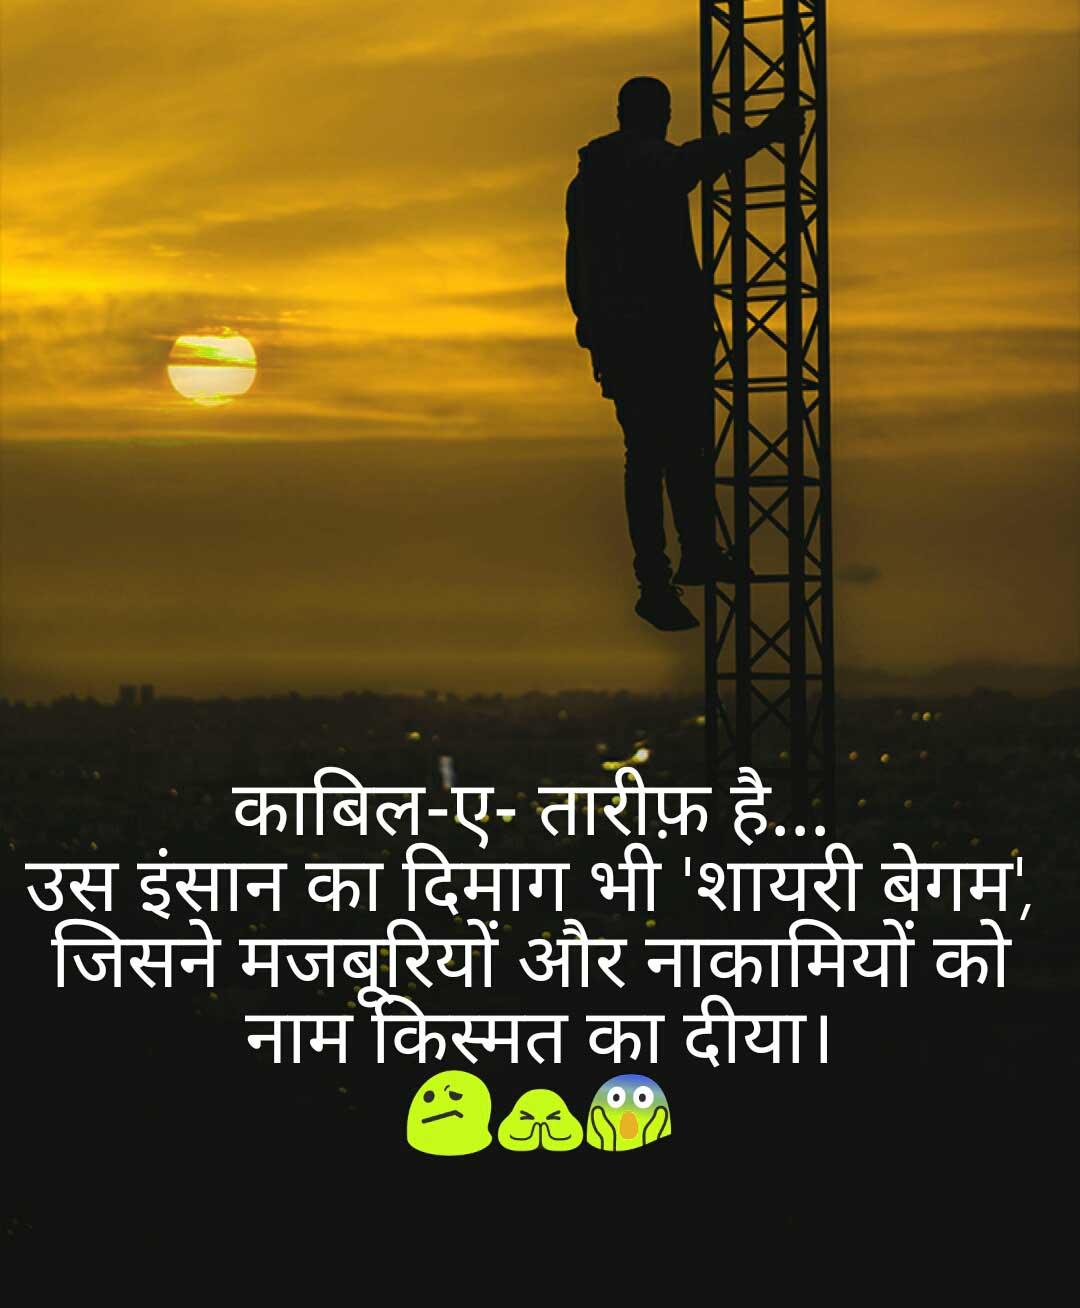 Hindi Quotes Whatsapp DP Download photo